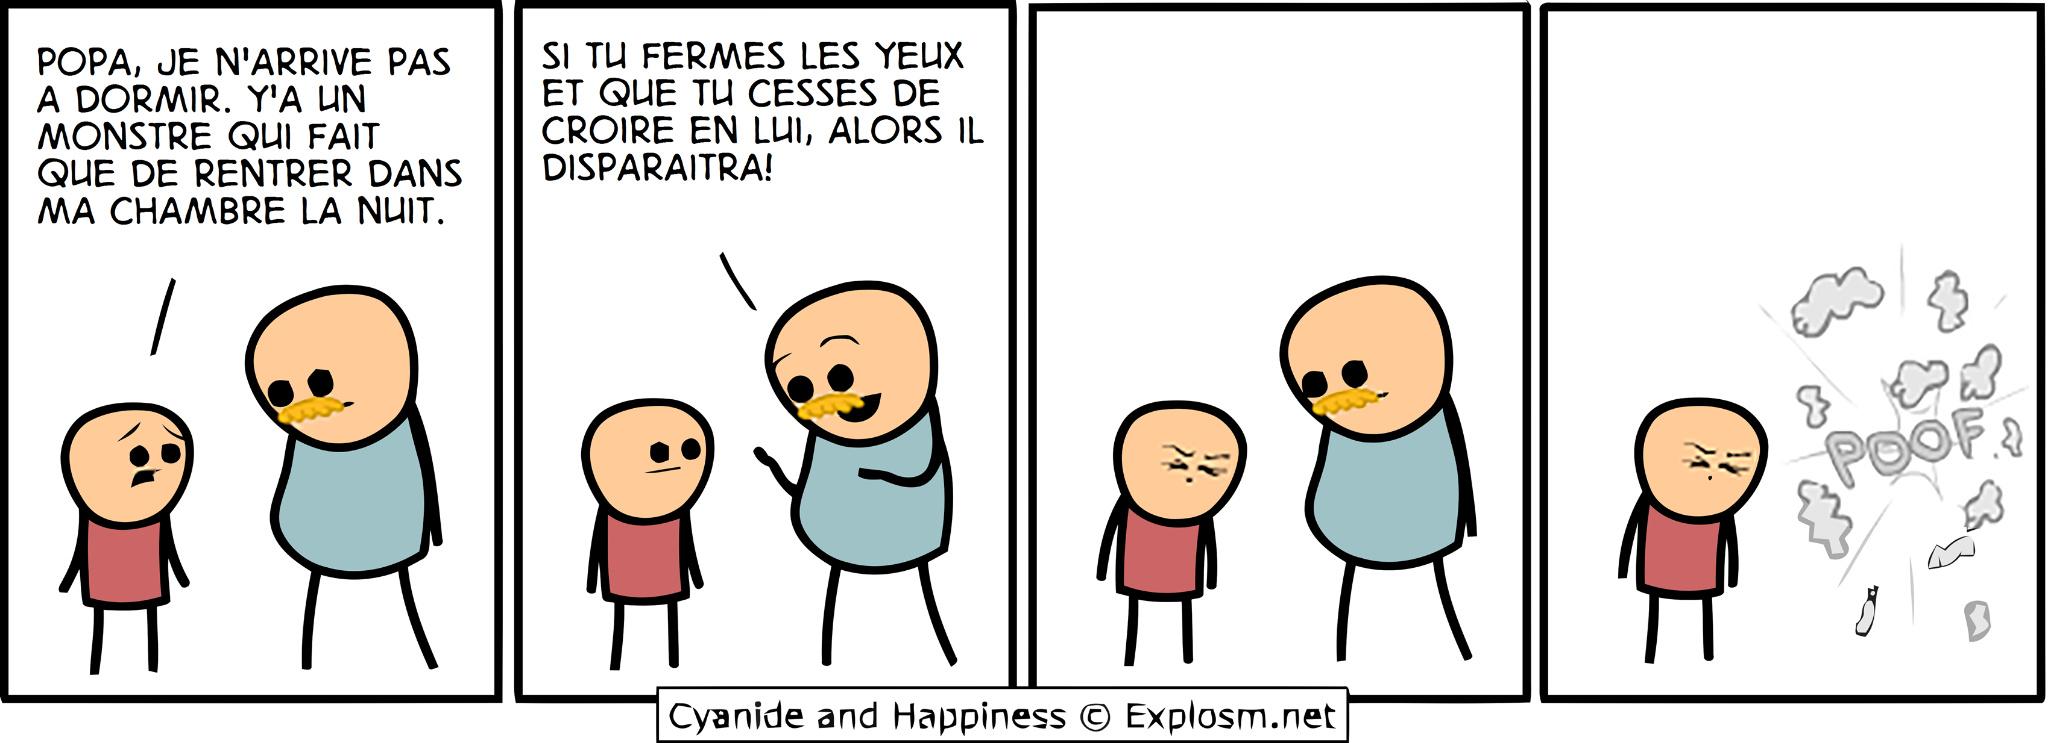 Cyanure et Bonheur #3 - meme